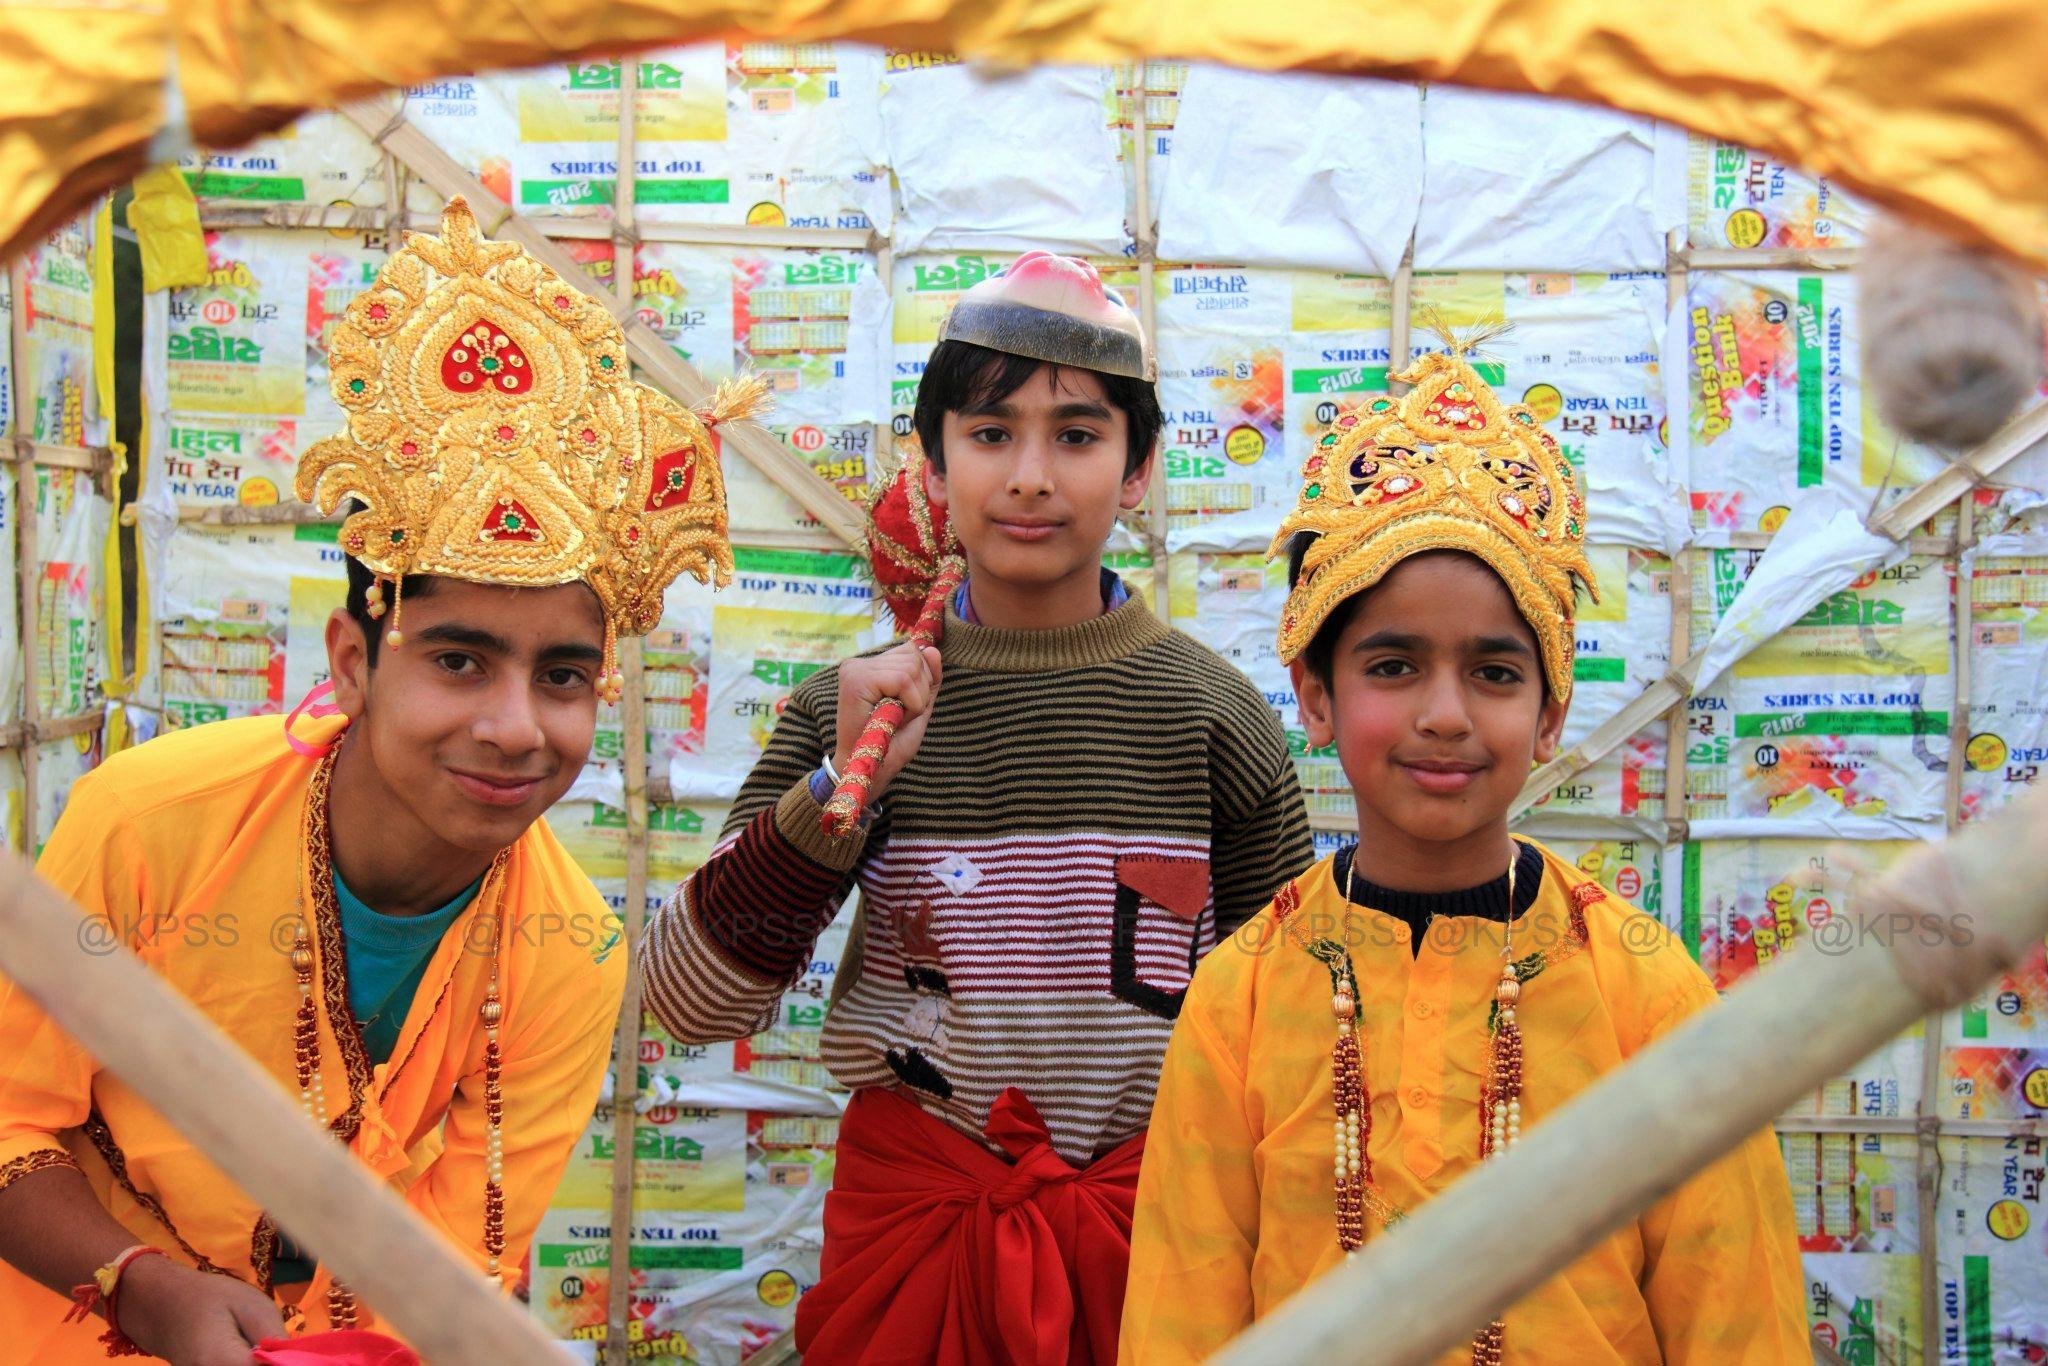 Year 2012 - Dushera Celebrations